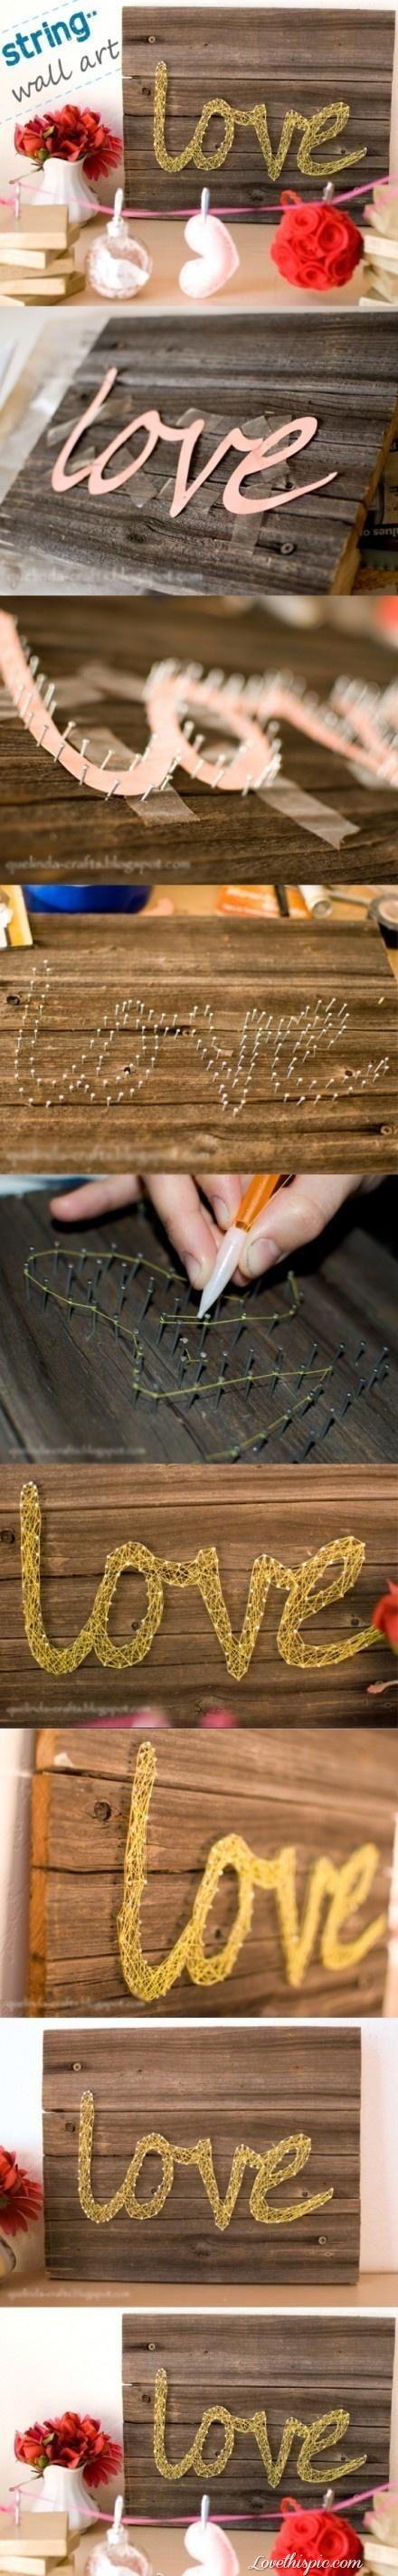 DIY wall art-string art